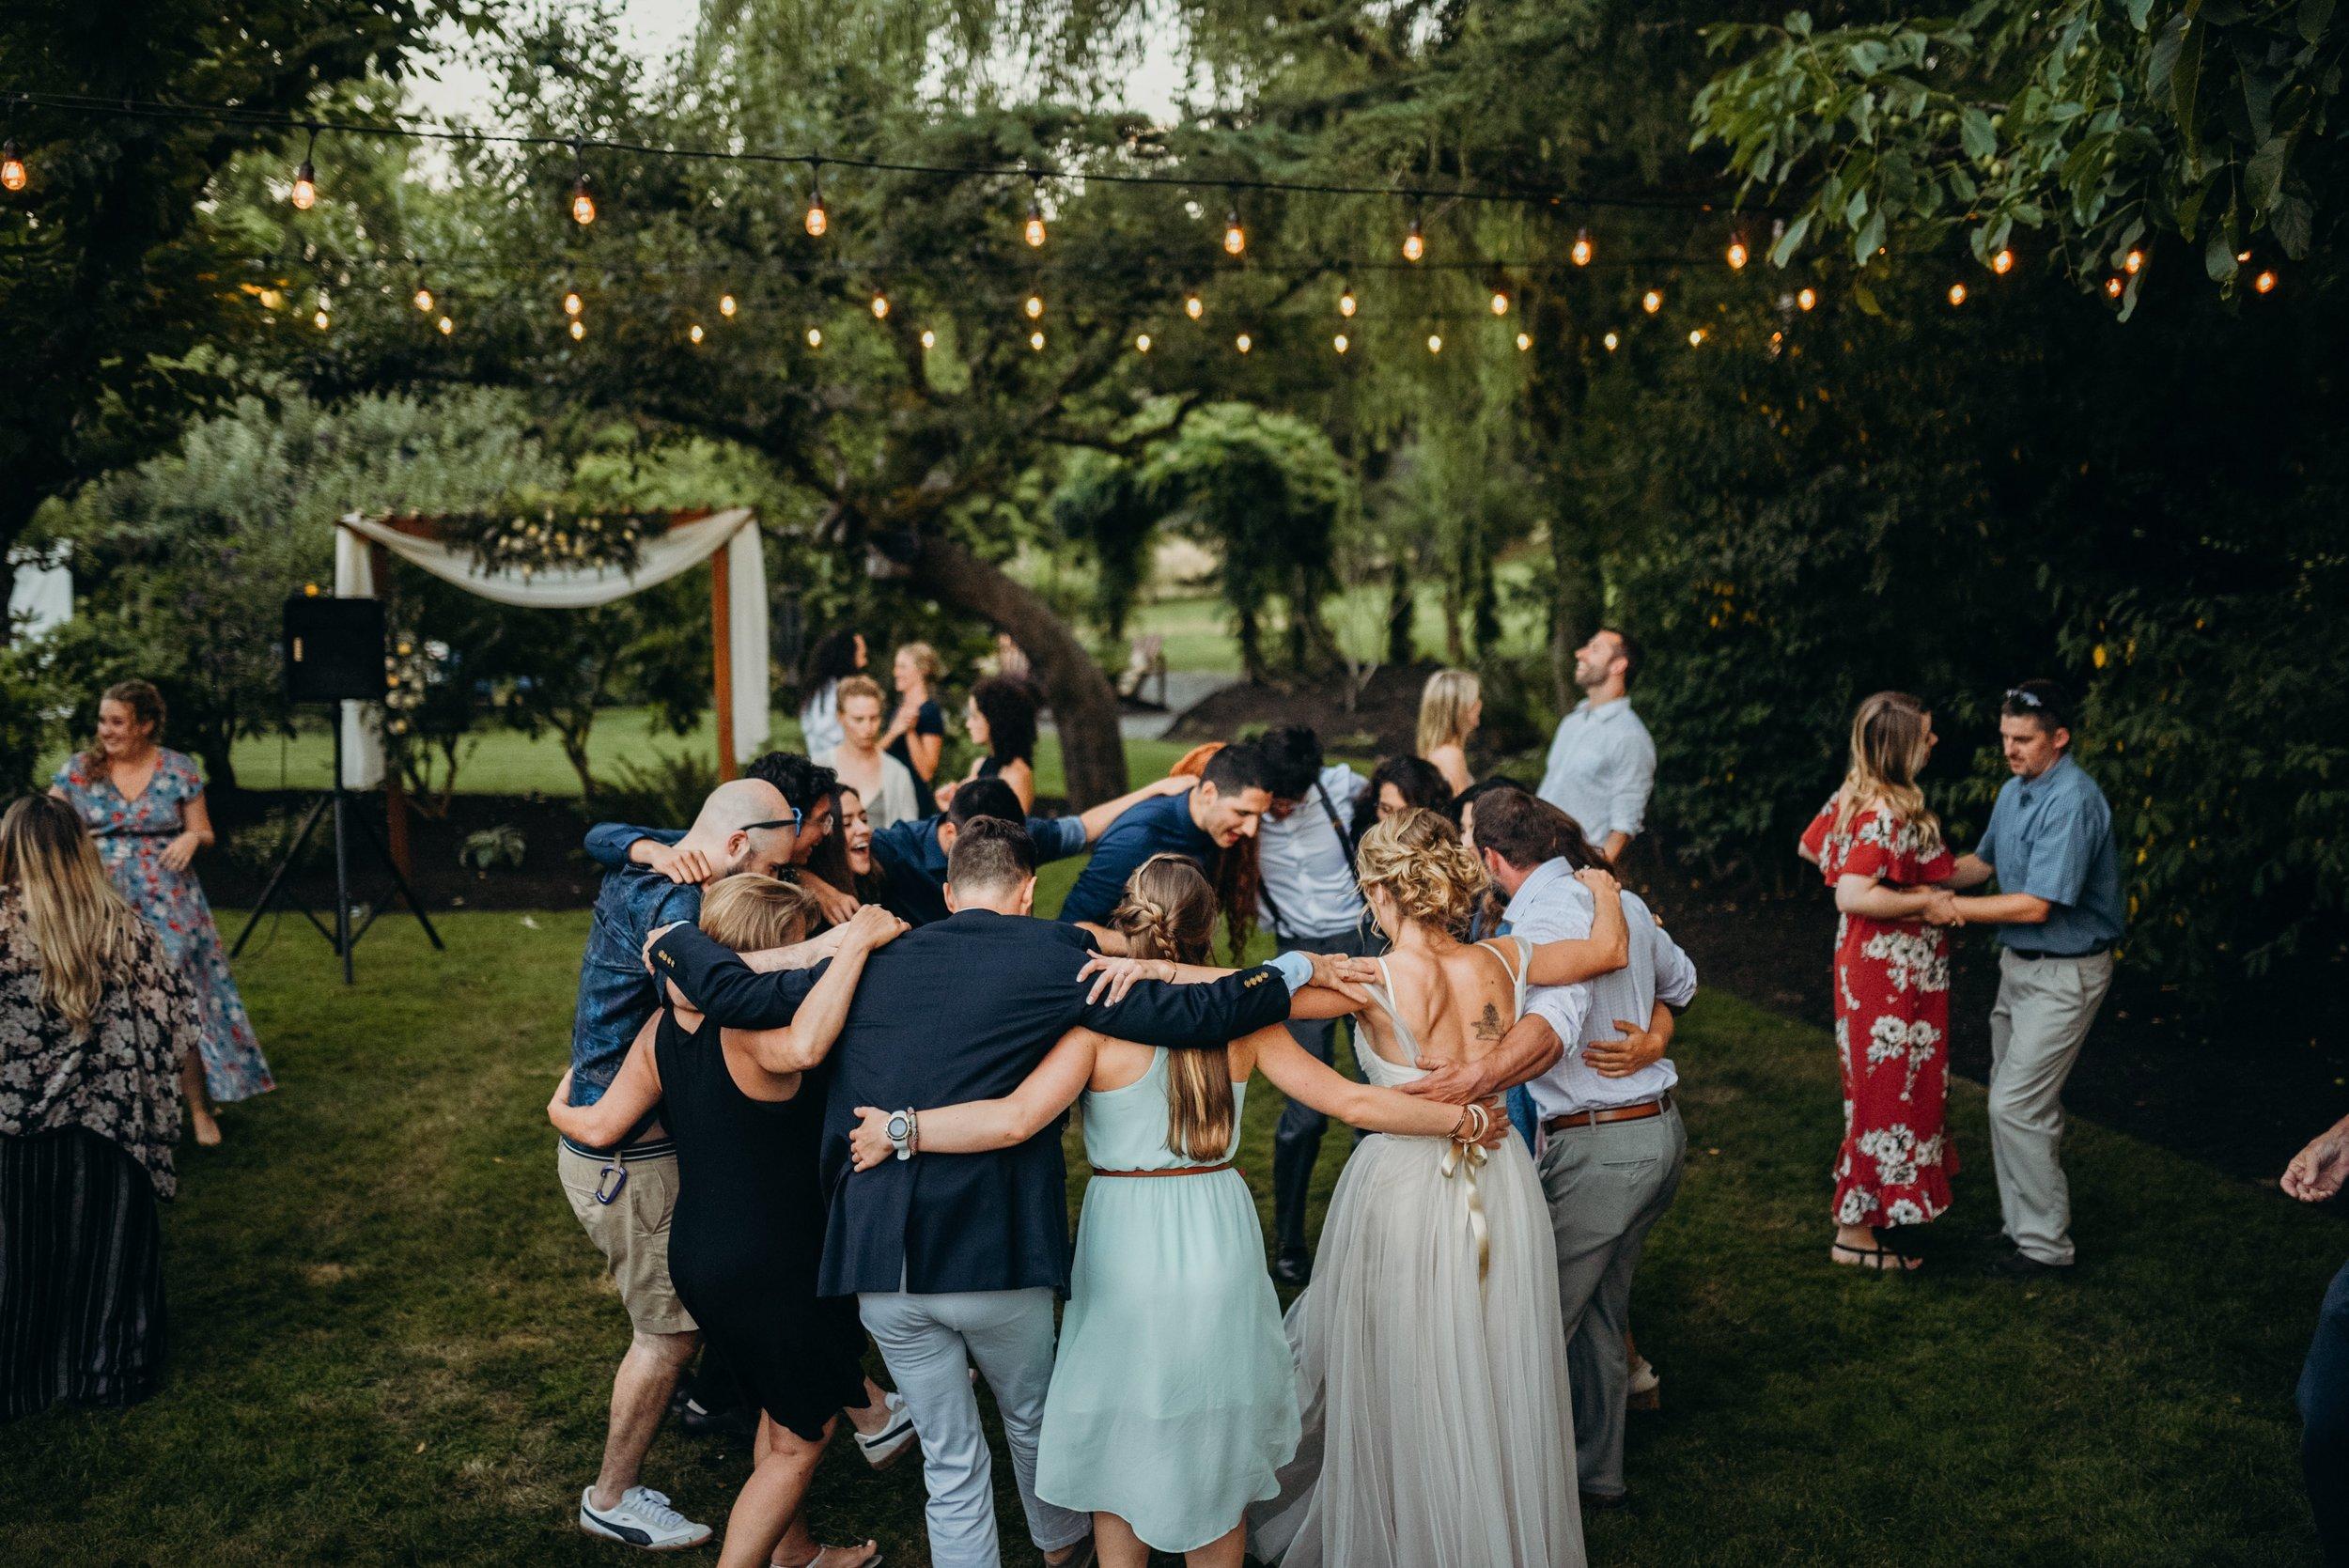 Dancing-47.jpg